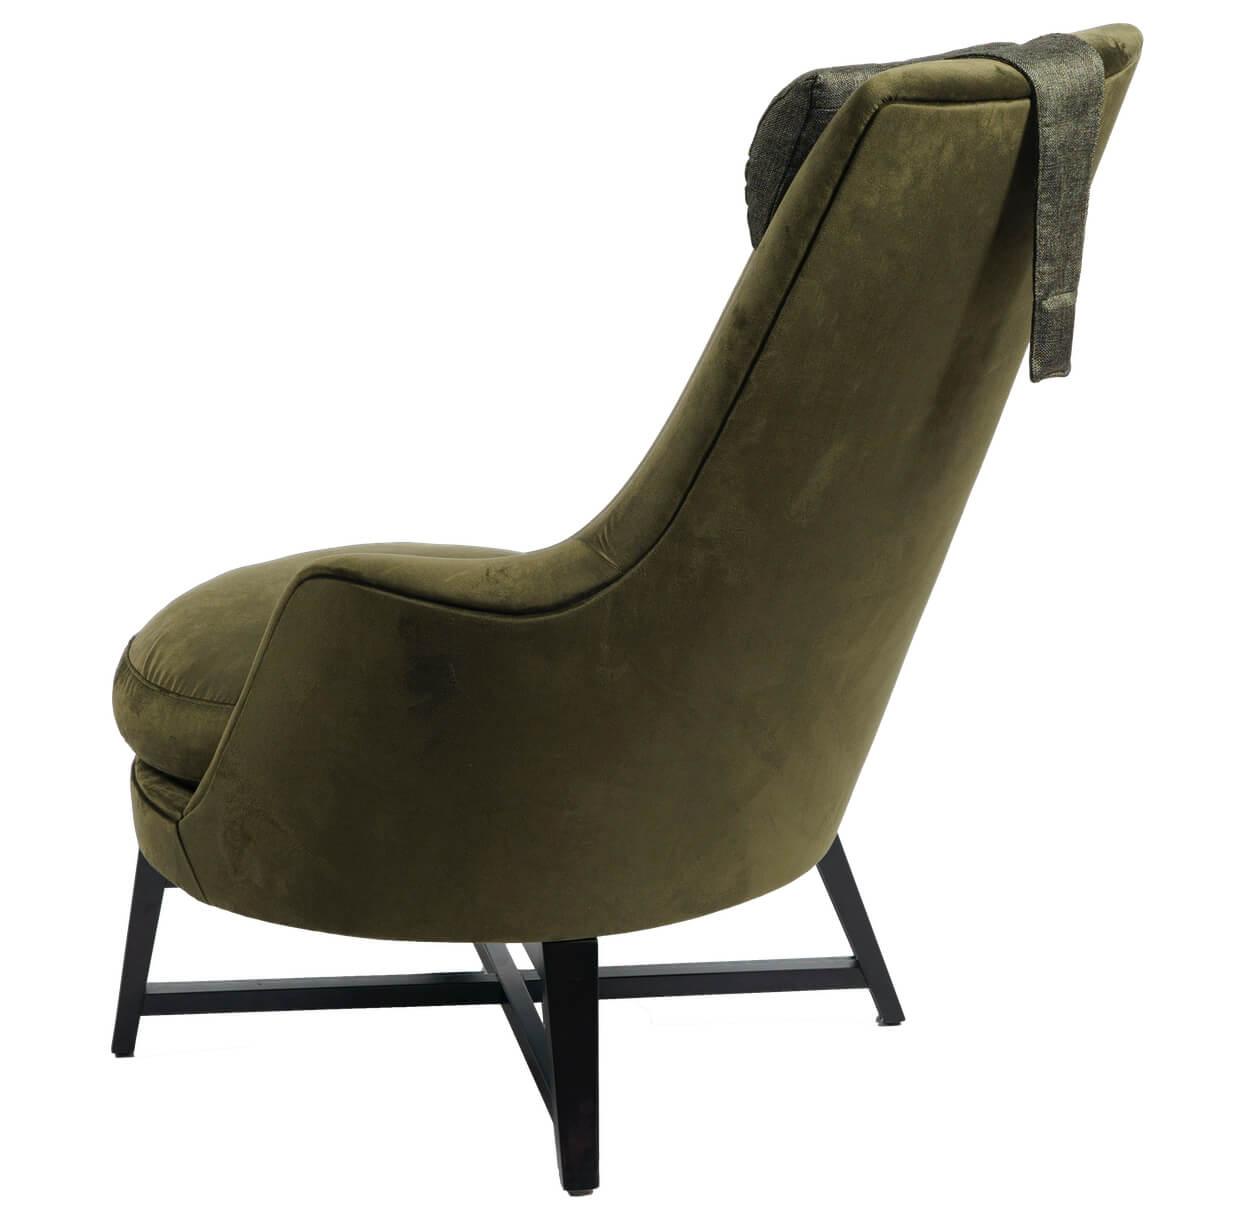 Shell fauteuil - Mulleman Meubelen